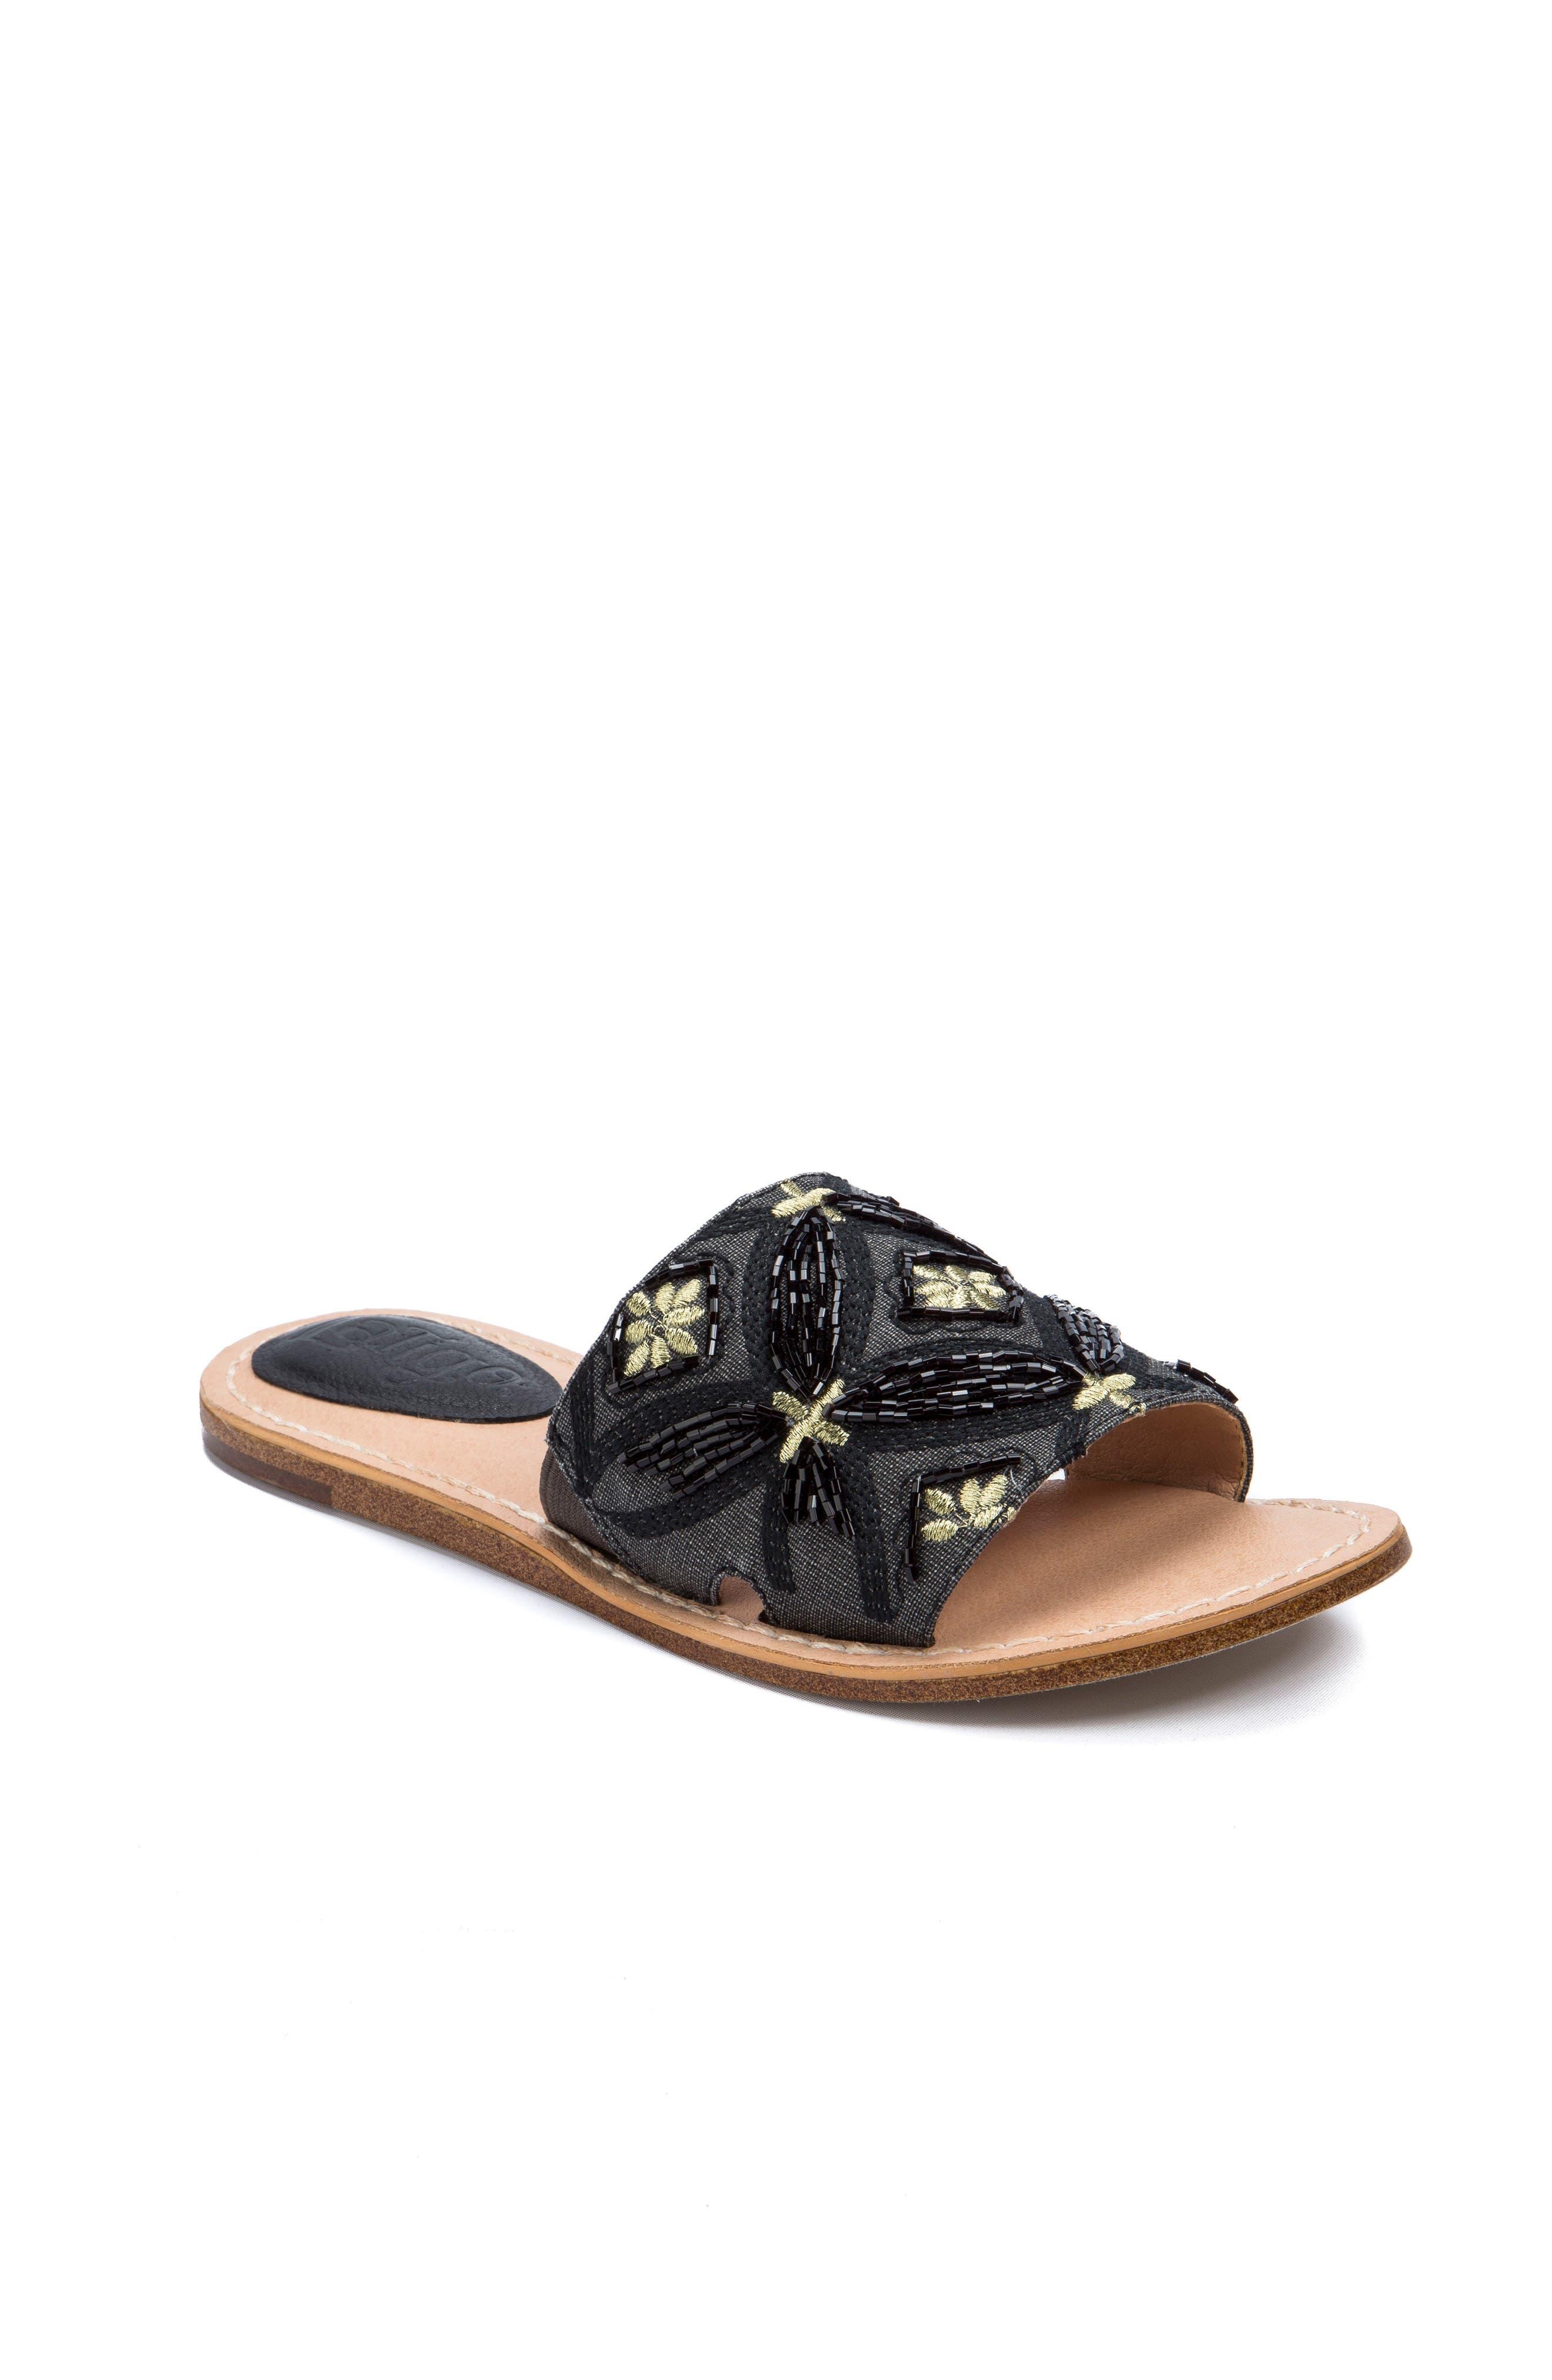 Vella Embellished Slide Sandal,                             Main thumbnail 1, color,                             001